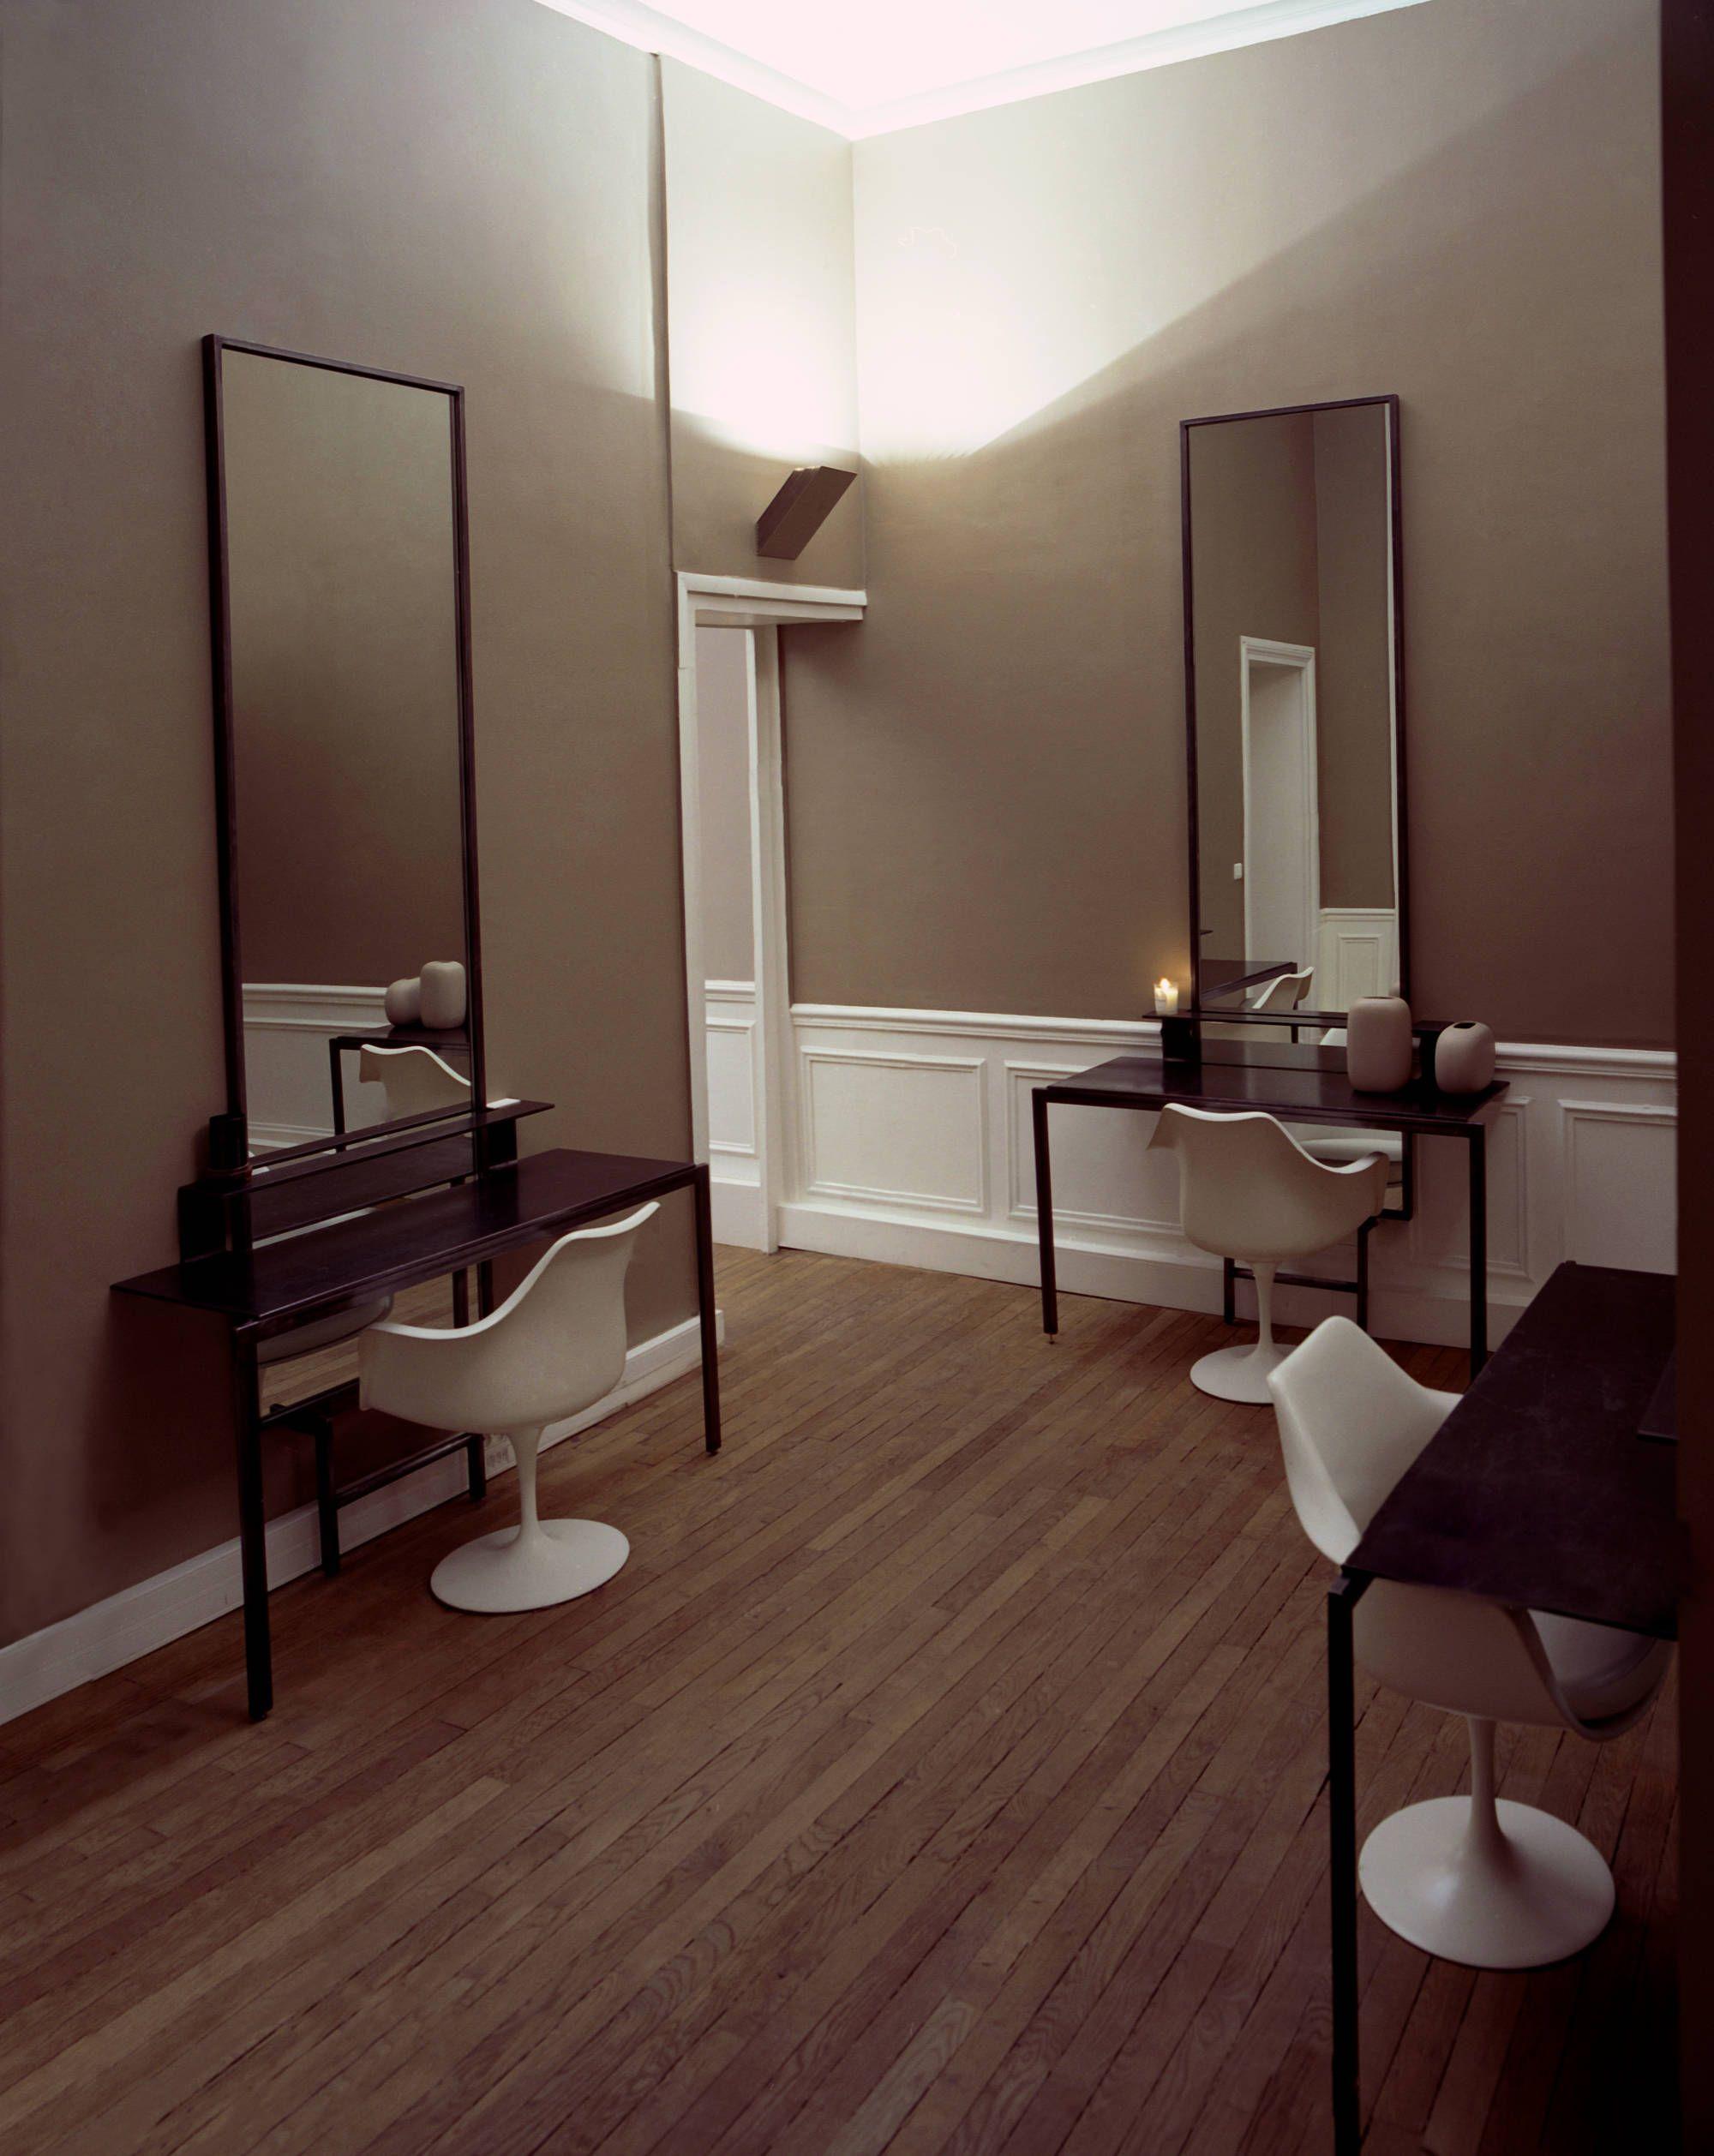 un salon de coiffure en appartement chic et cosy et aux ciseaux une quipe experte autour de. Black Bedroom Furniture Sets. Home Design Ideas